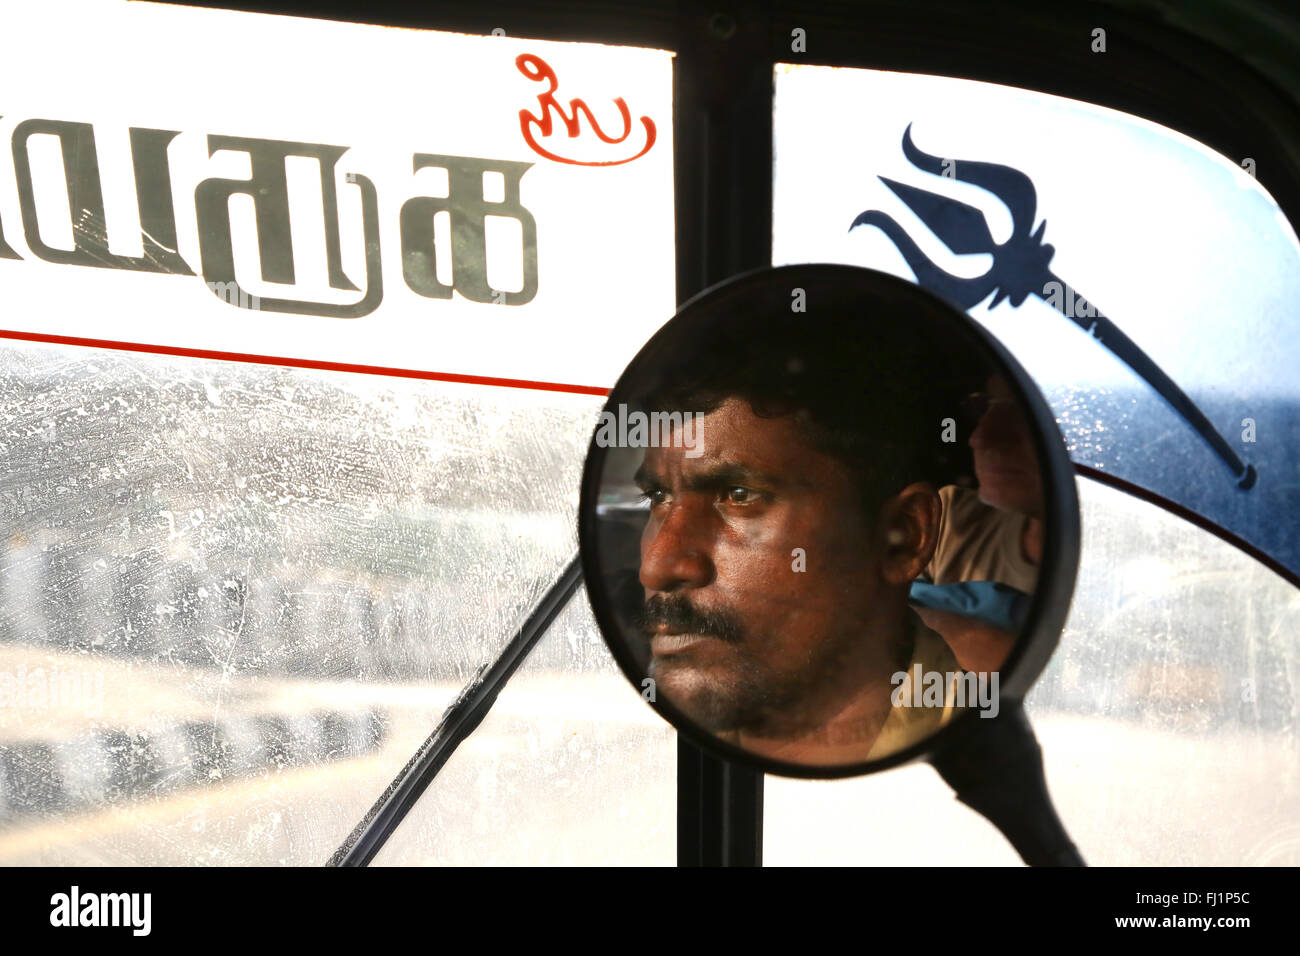 Primer plano de la cara de un conductor de rickshaw en espejo, Madurai, India Imagen De Stock